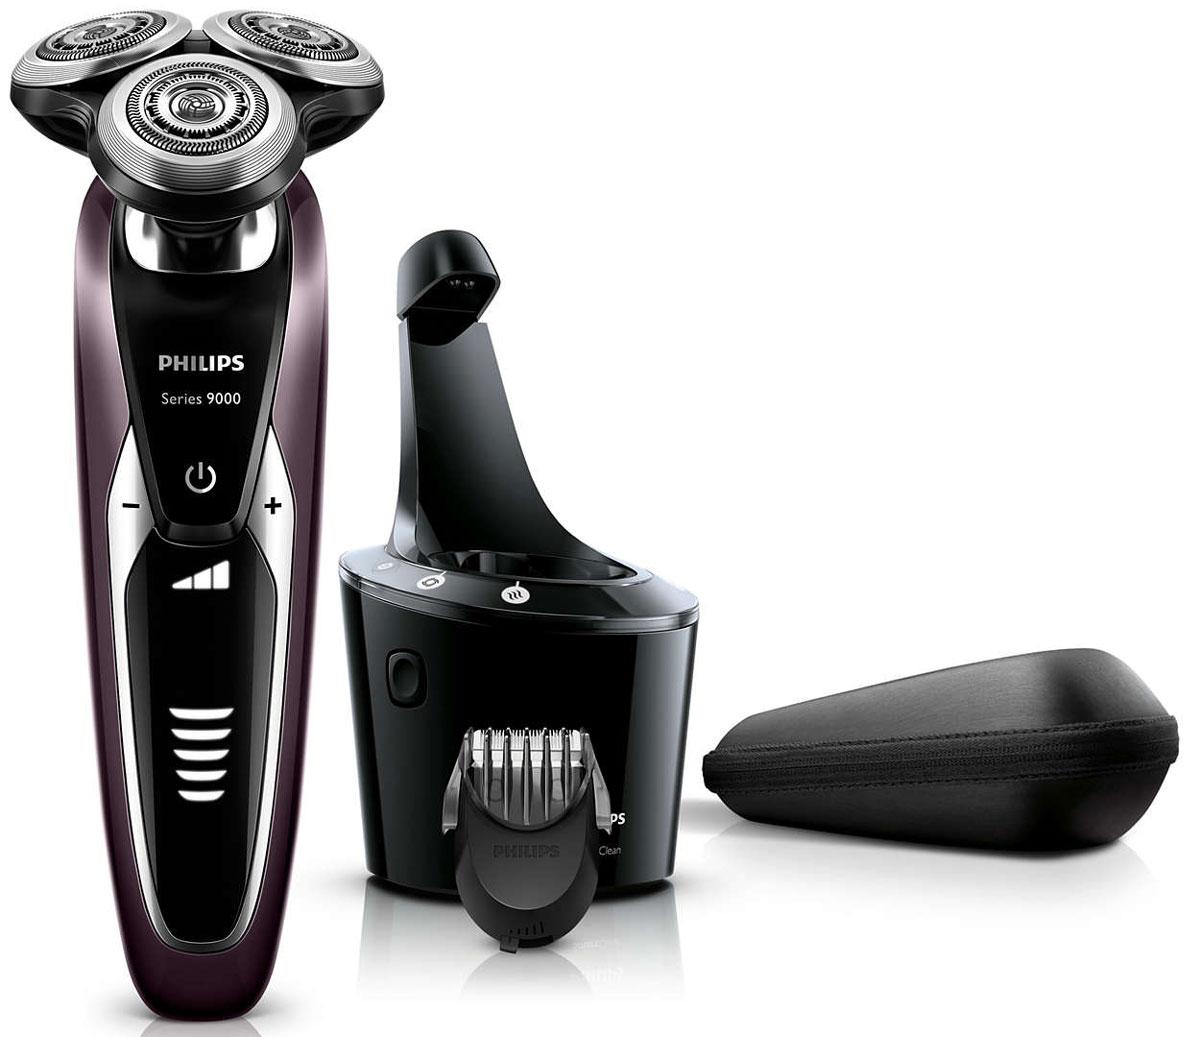 Philips S9521/31 электробритваS9521/31Запатентованные лезвия V-Track Precision электробритвы Philips S9521/31аккуратно захватывают и направляют волоски любой длины, а также волоски, прилегающие к коже. Обеспечивает на 30 % более гладкое и быстрое бритье, чтобы ваша кожа всегда выглядела безупречно. Новые гибкие головки вращаются в 8 направлениях, максимально точно повторяя контуры лица и требуя меньше усилий при каждом движении. Головки, двигающиеся независимо от бритвенного элемента, захватывают на 20 % больше волосков и обеспечивают более чистое бритье при меньшем количестве движений.Встроенная система двойных лезвий электрической бритвы Philips S9521/31 приподнимает волоски, сбривая их максимально близко к поверхности кожи, что обеспечивает более чистое бритье. Настройки для комфортного бритья позволяют задать ваши личные предпочтения. Вы можете выбрать один из 3 режимов: бережный для аккуратного и тщательного бритья чувствительной кожи, обычный для тщательного бритья изо дня в день и быстрый, который позволит вам максимально сократить время процедурыУплотнение AquaTec электробритвы позволяет выбирать наиболее комфортный способ бритья: сухое бритье или освежающее влажное бритье с использованием геля или пены для бритья. SmartClean PLUS позволяет очищать, смазывать, сушить и заряжать бритву одним нажатием кнопки, что обеспечивает ее оптимальную работу день за днем.Безопасная насадка-стайлер для бороды позволяет создавать самые разнообразные стили: от трехдневной щетины (0,5 мм) до короткой бороды (5 мм). Закругленные края и регулируемый гребень предотвращают раздражение кожи. На интуитивно понятном дисплее отображается вся необходимая информация, что позволяет в полной мере использовать все возможности вашей бритвы: пятиуровневый индикатор аккумулятора, индикатор очистки, индикатор низкого заряда аккумулятора, индикатор сменной головки, индикатор дорожной блокировкиПередовая технология зарядки обеспечивает два удобных режима: 50 минут работы после зарядки в течени